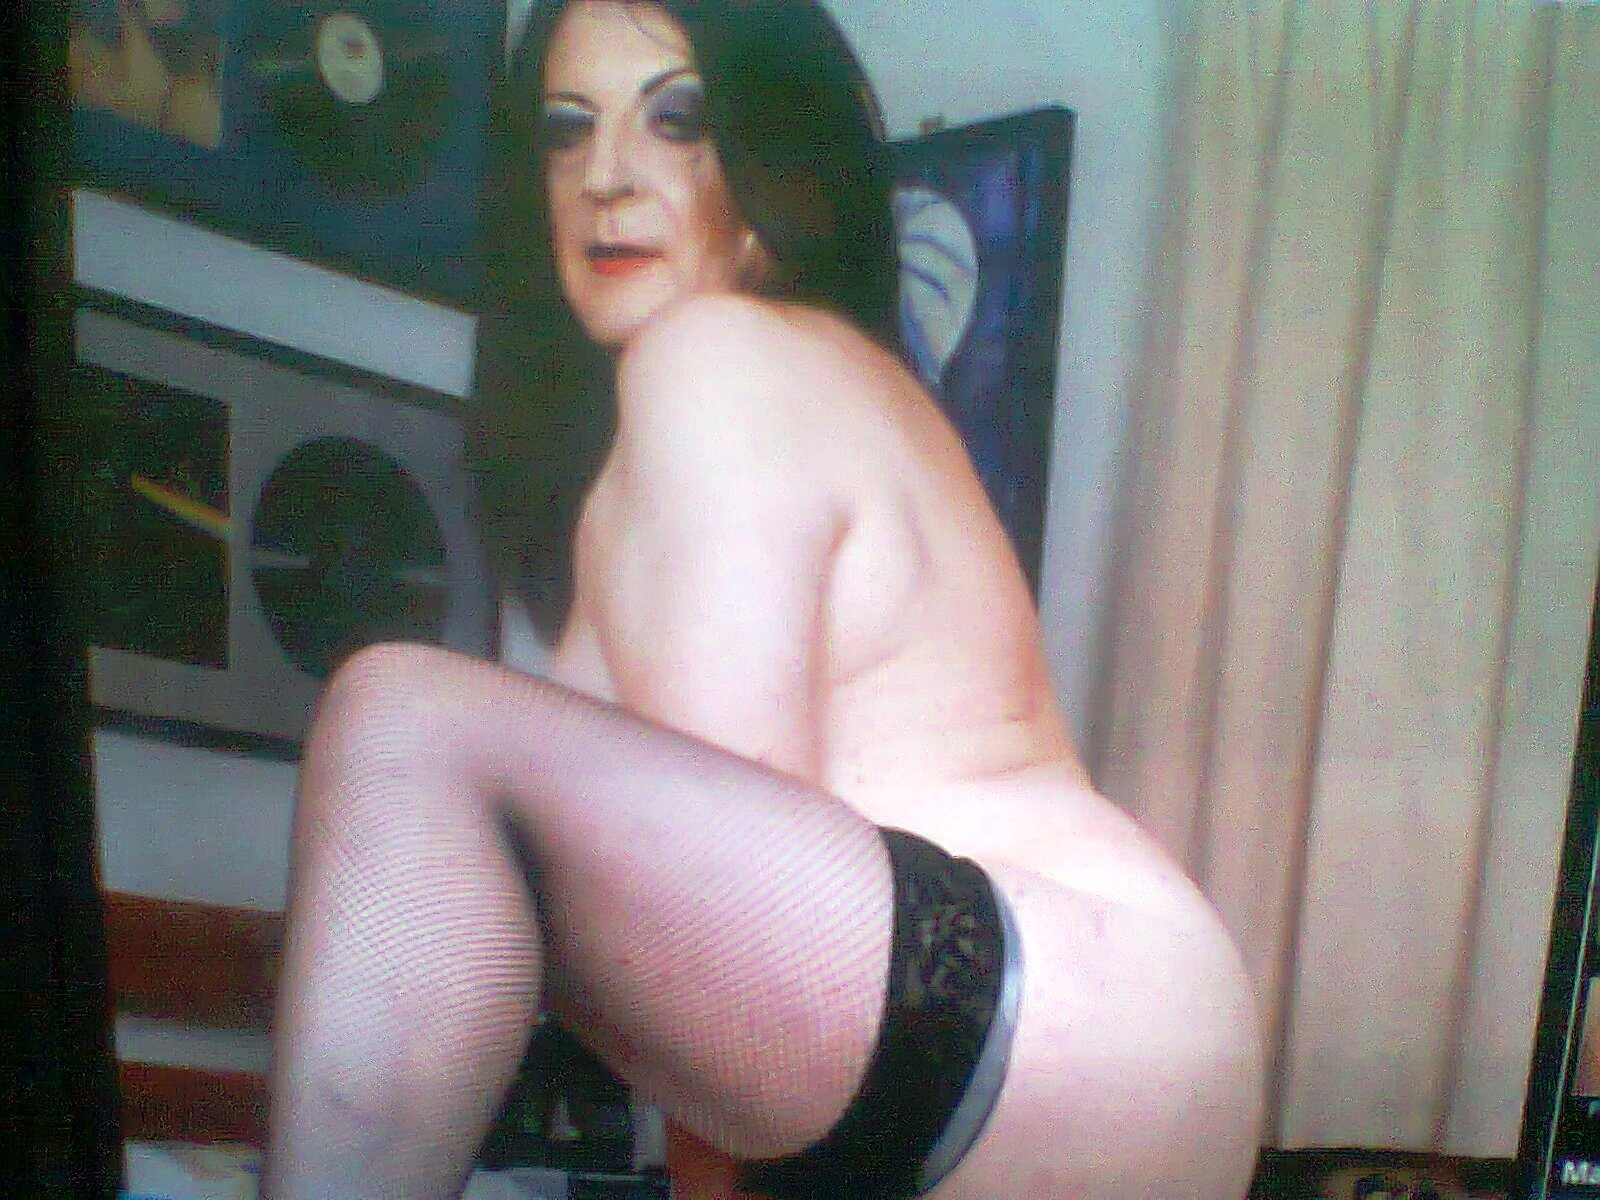 parecen las prostitutas de un western pero son las reinas magas follando con prostitutas rumanas